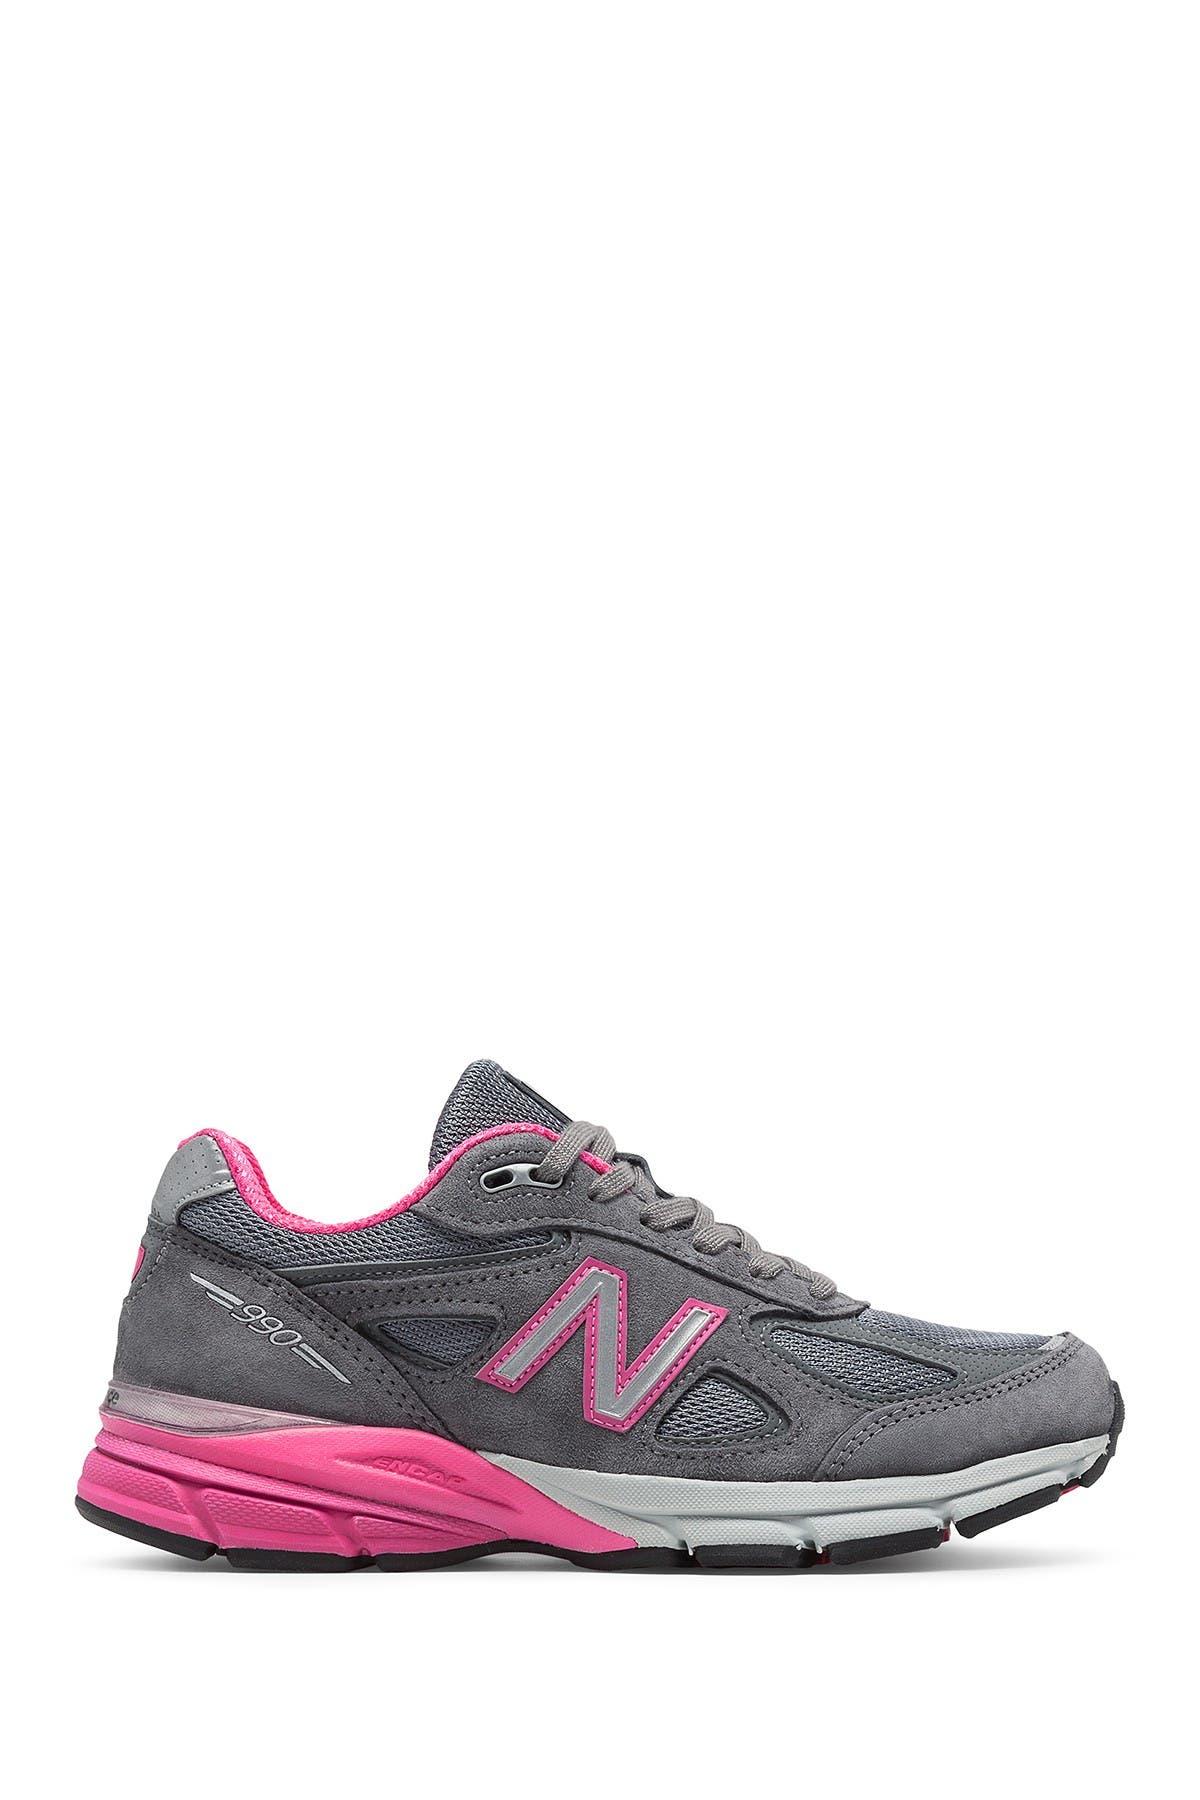 New Balance   W990v4 Running Shoe   Nordstrom Rack